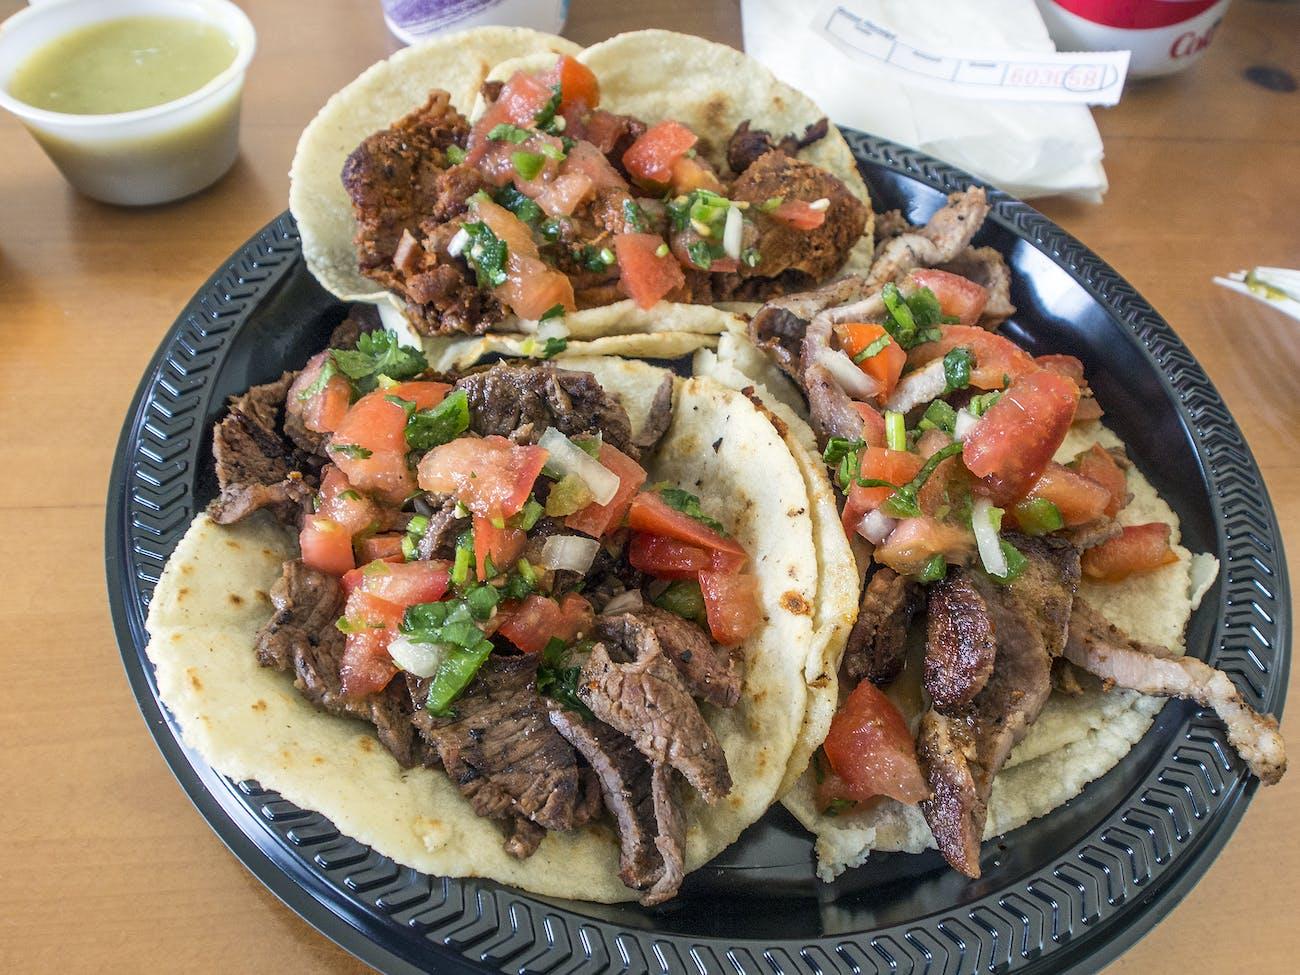 La Super Rica tacos